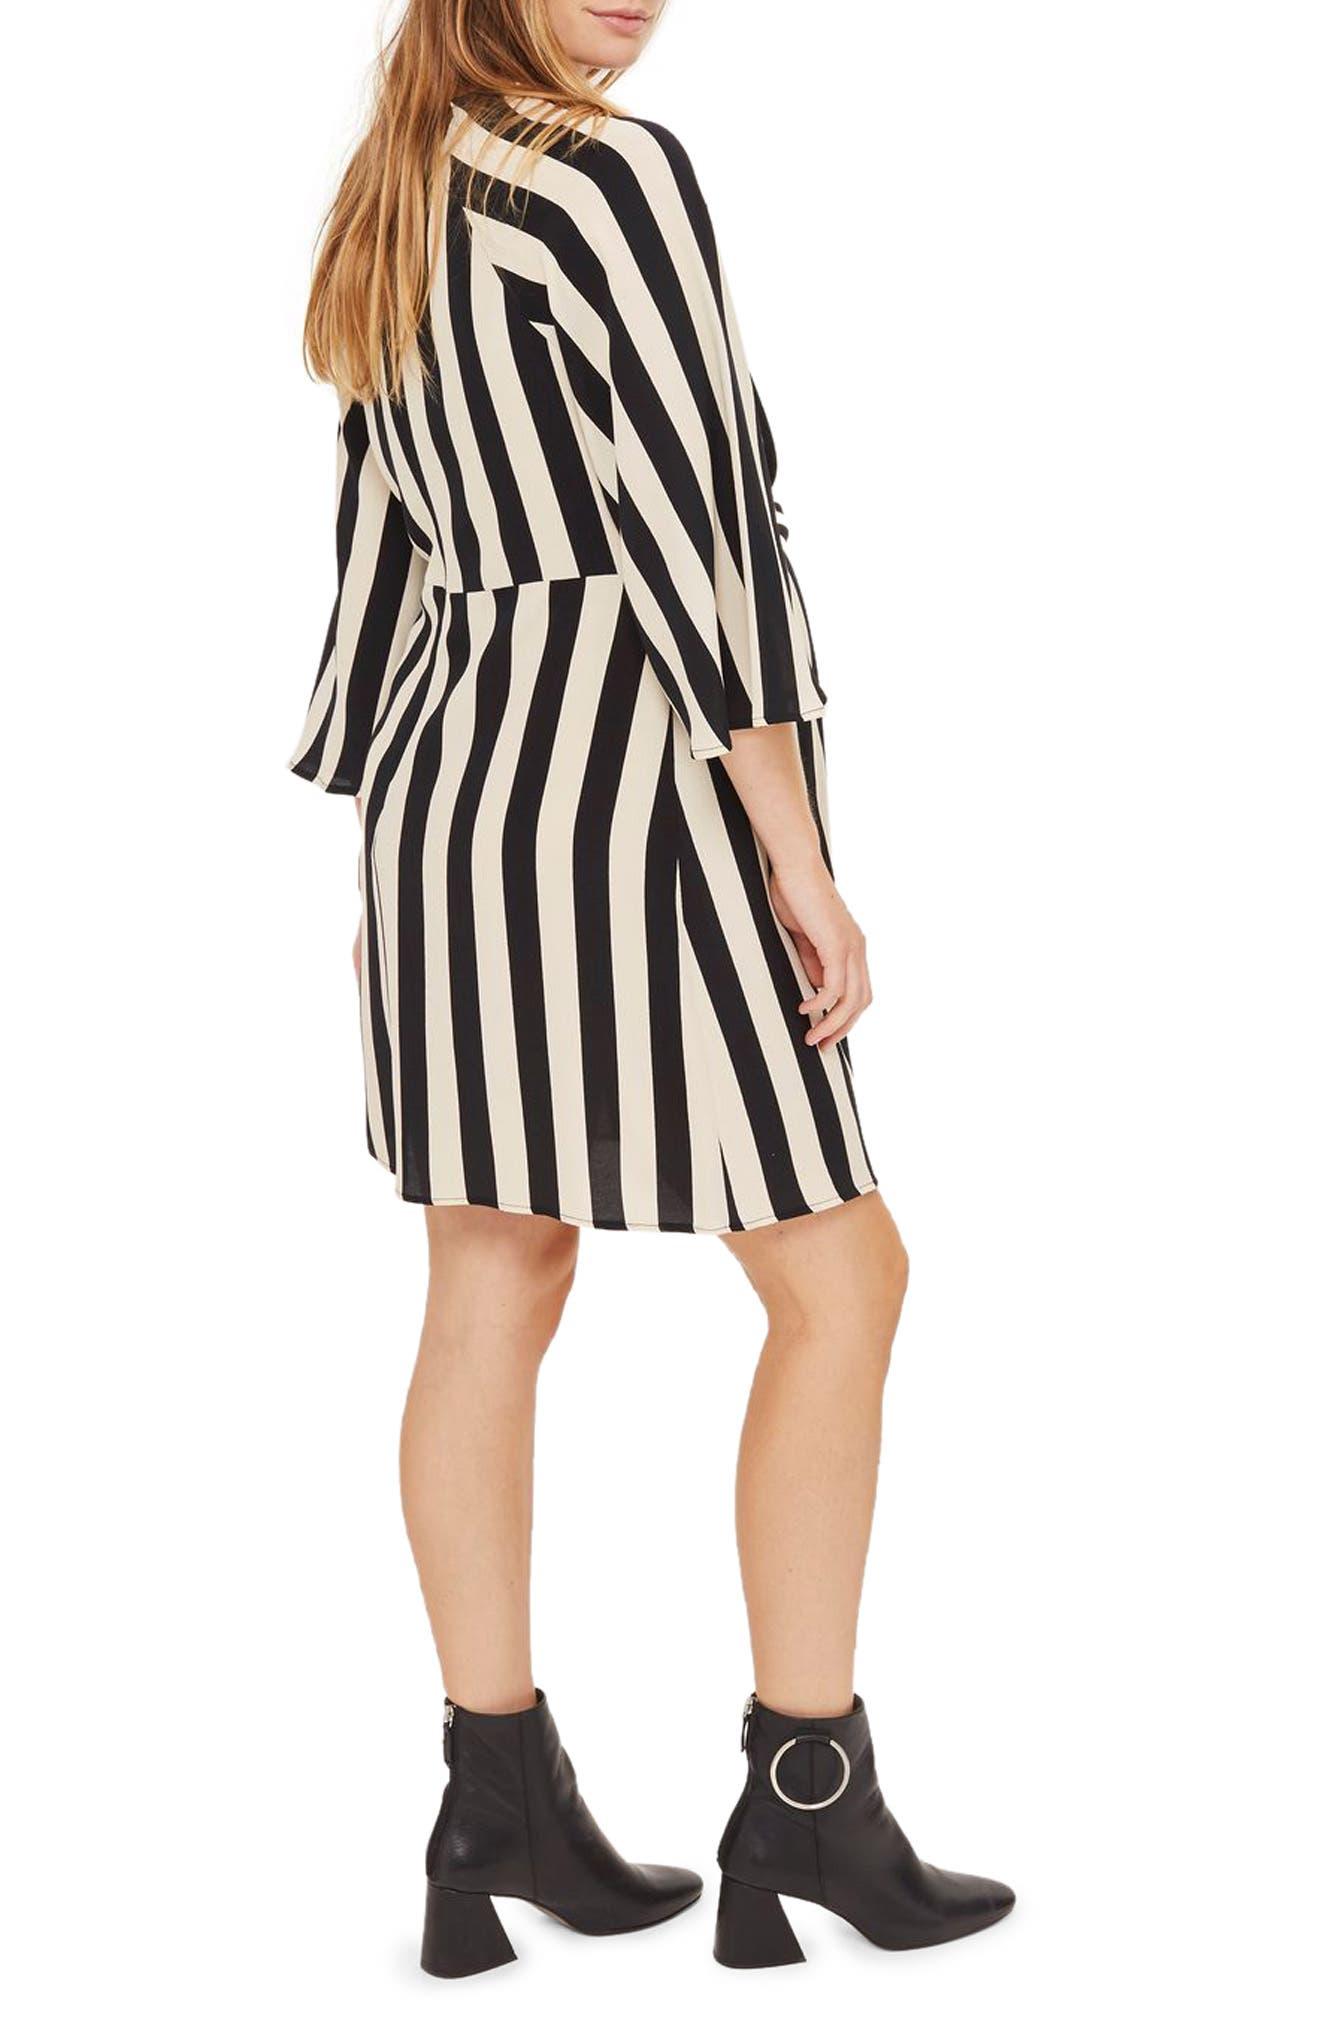 Humbug Stripe Knot Maternity Dress,                             Alternate thumbnail 2, color,                             900